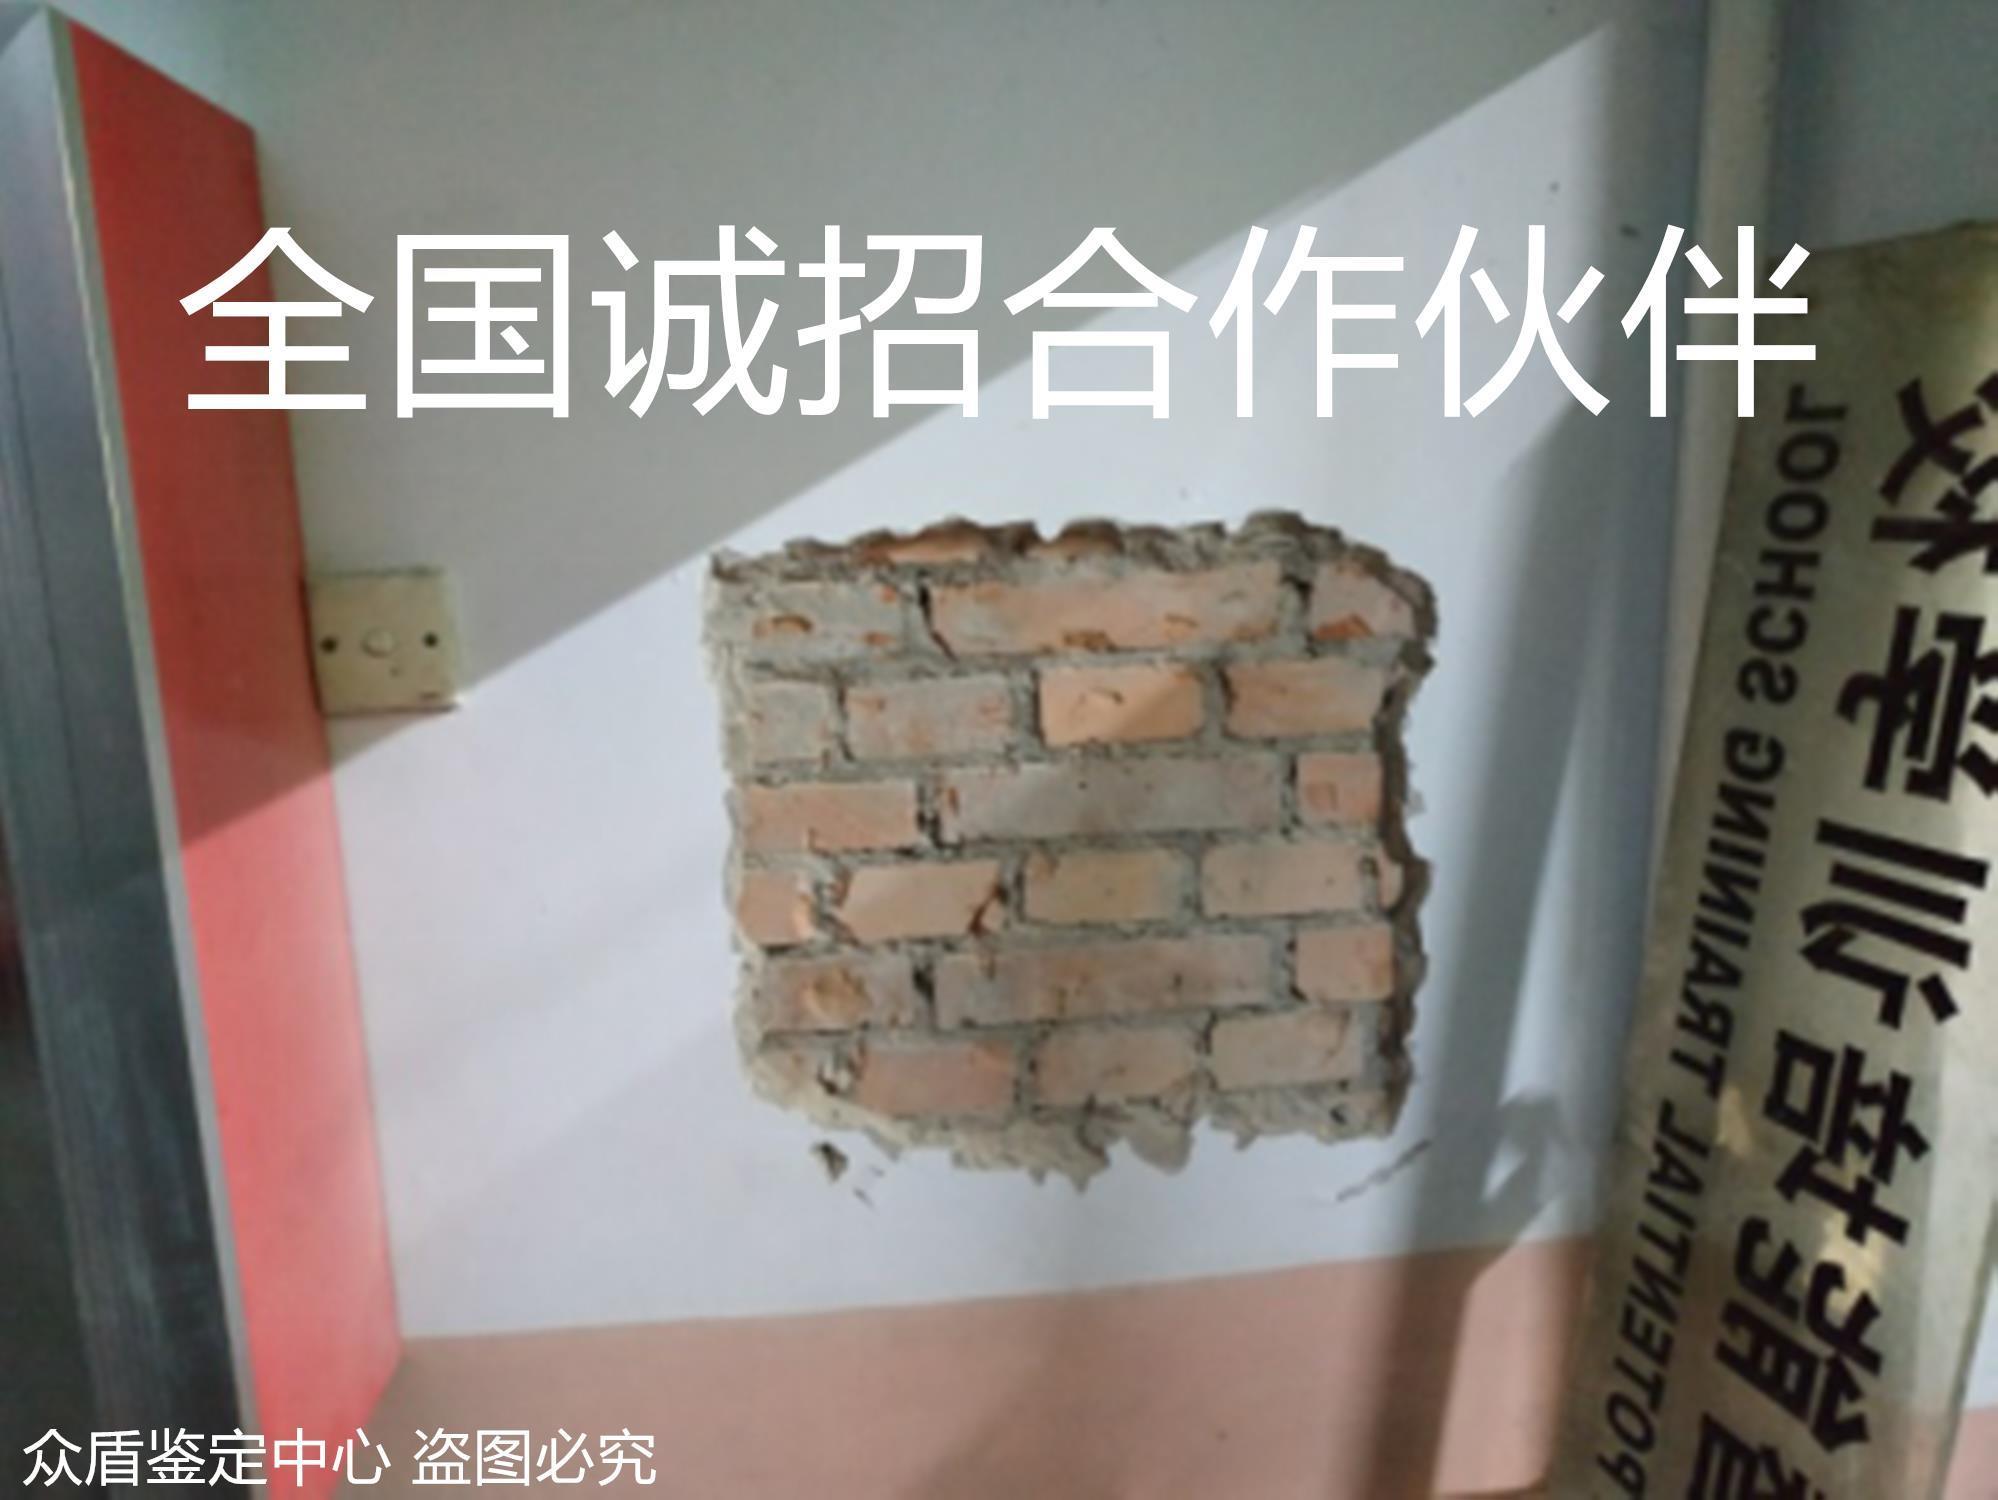 海北房屋主体结构安全鉴定单位